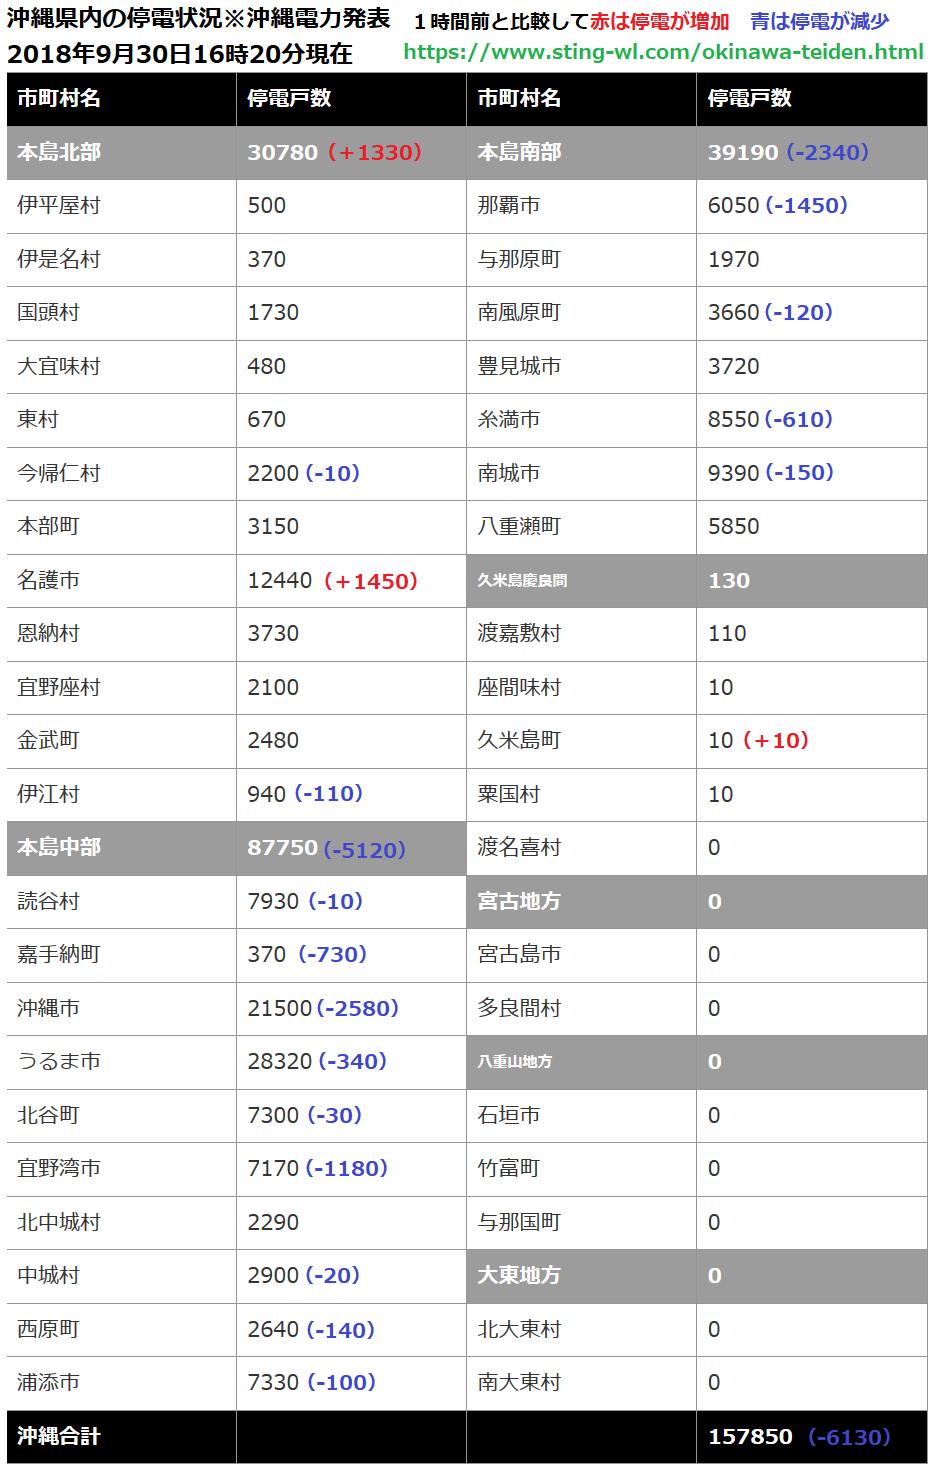 沖縄県内の停電数が1時間前と比較して停電数が増えたか?減ったか?一覧表